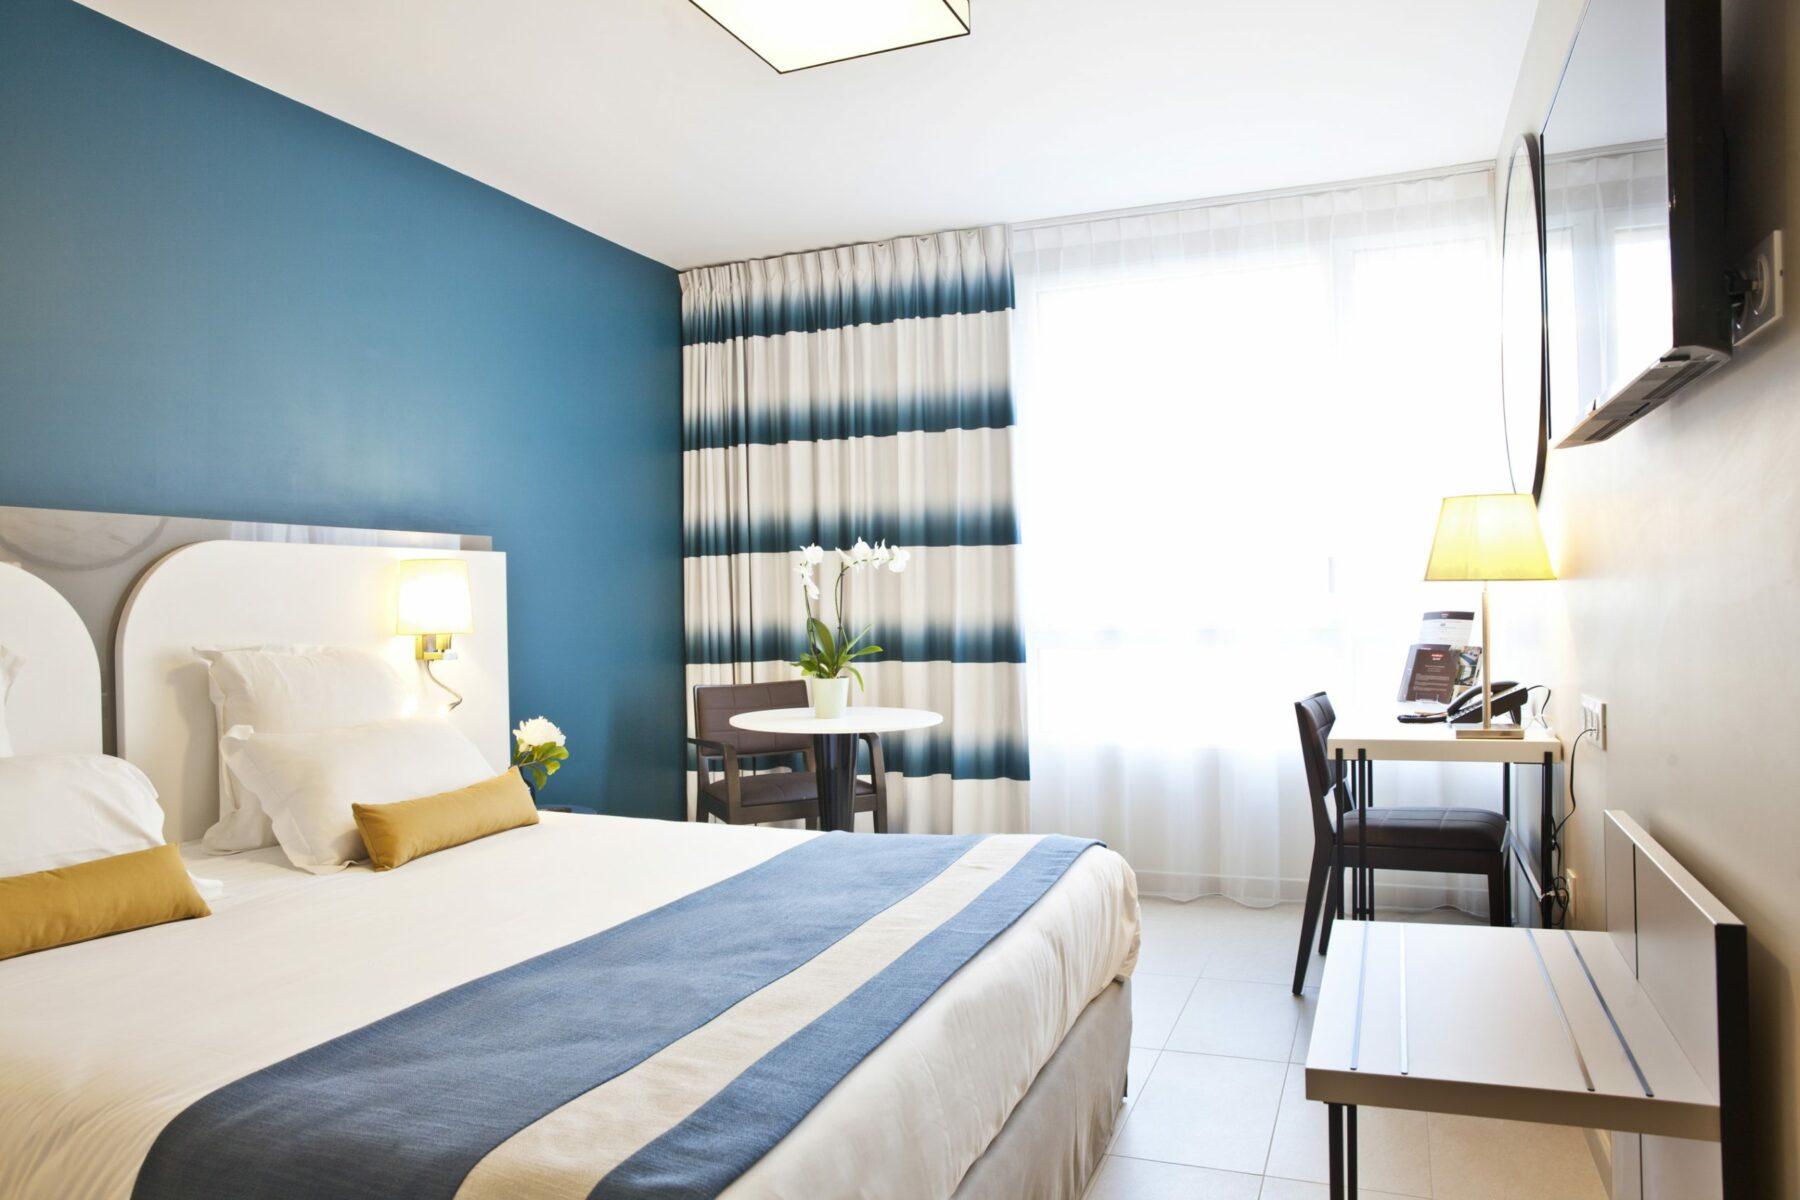 RESIDENCE HOTELIERE ET DE TOURISME LE CASTEL MARSEILLE